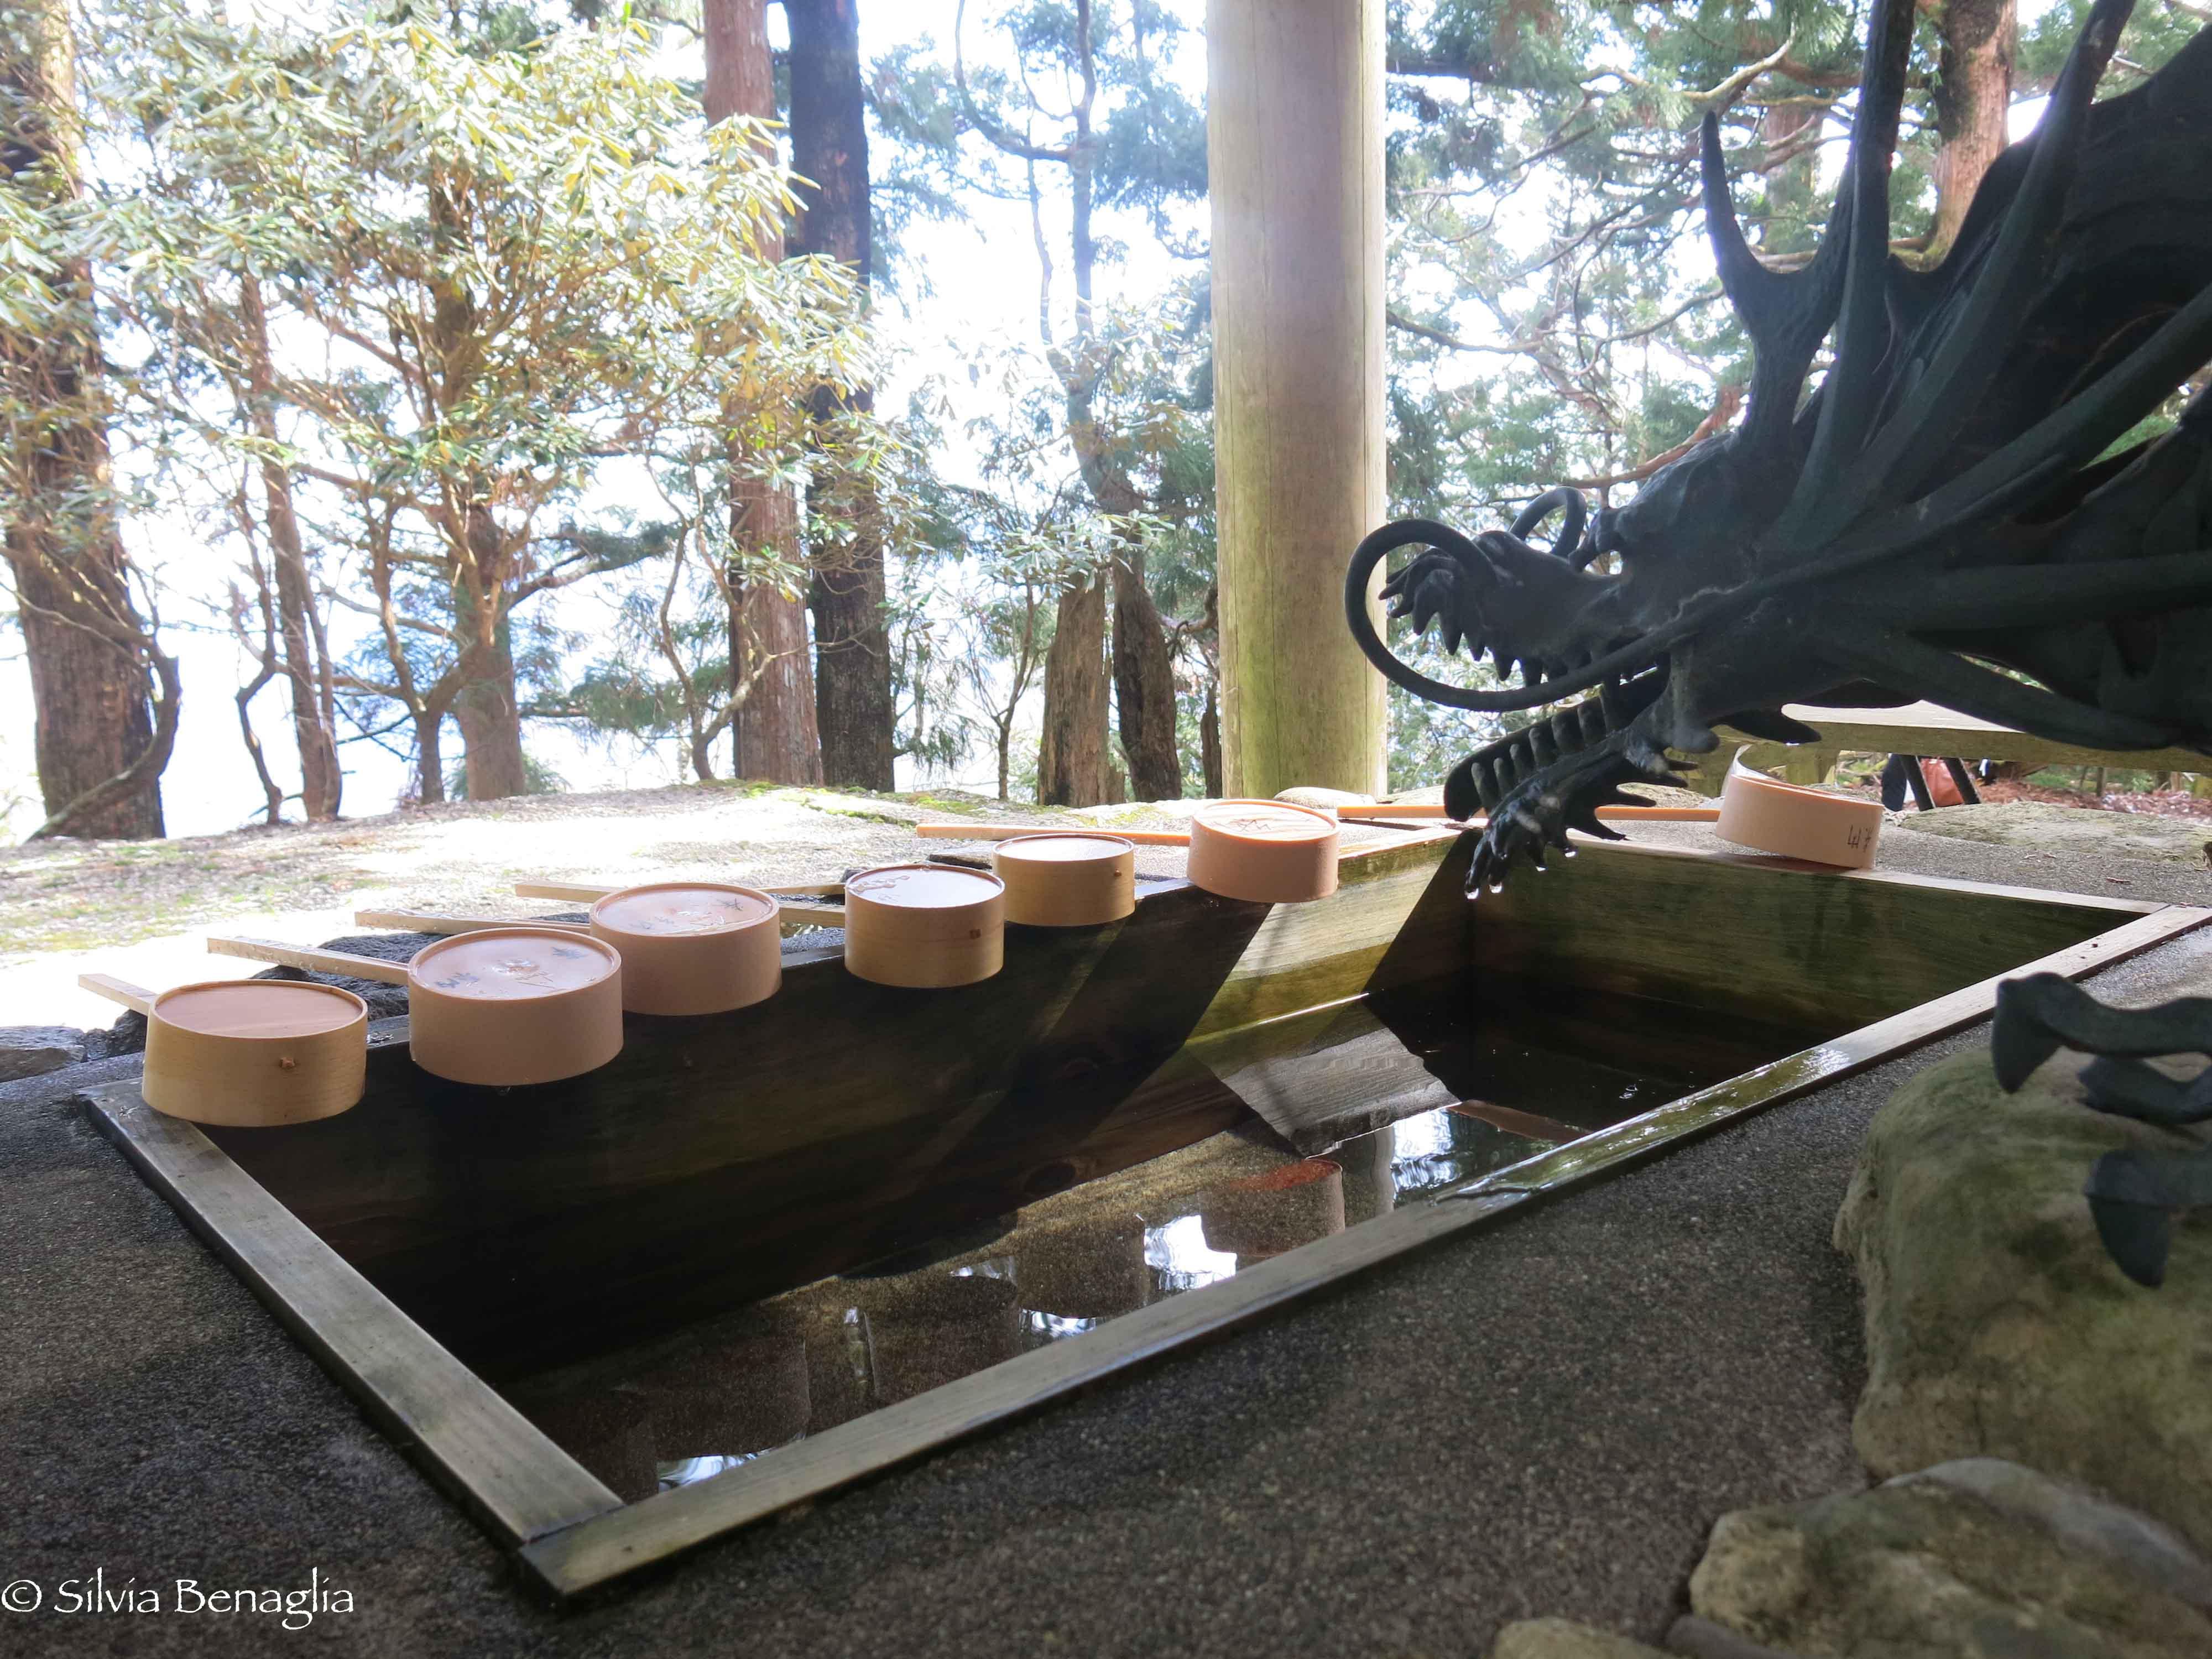 VIgg lavamani presso il tempio Tamaki